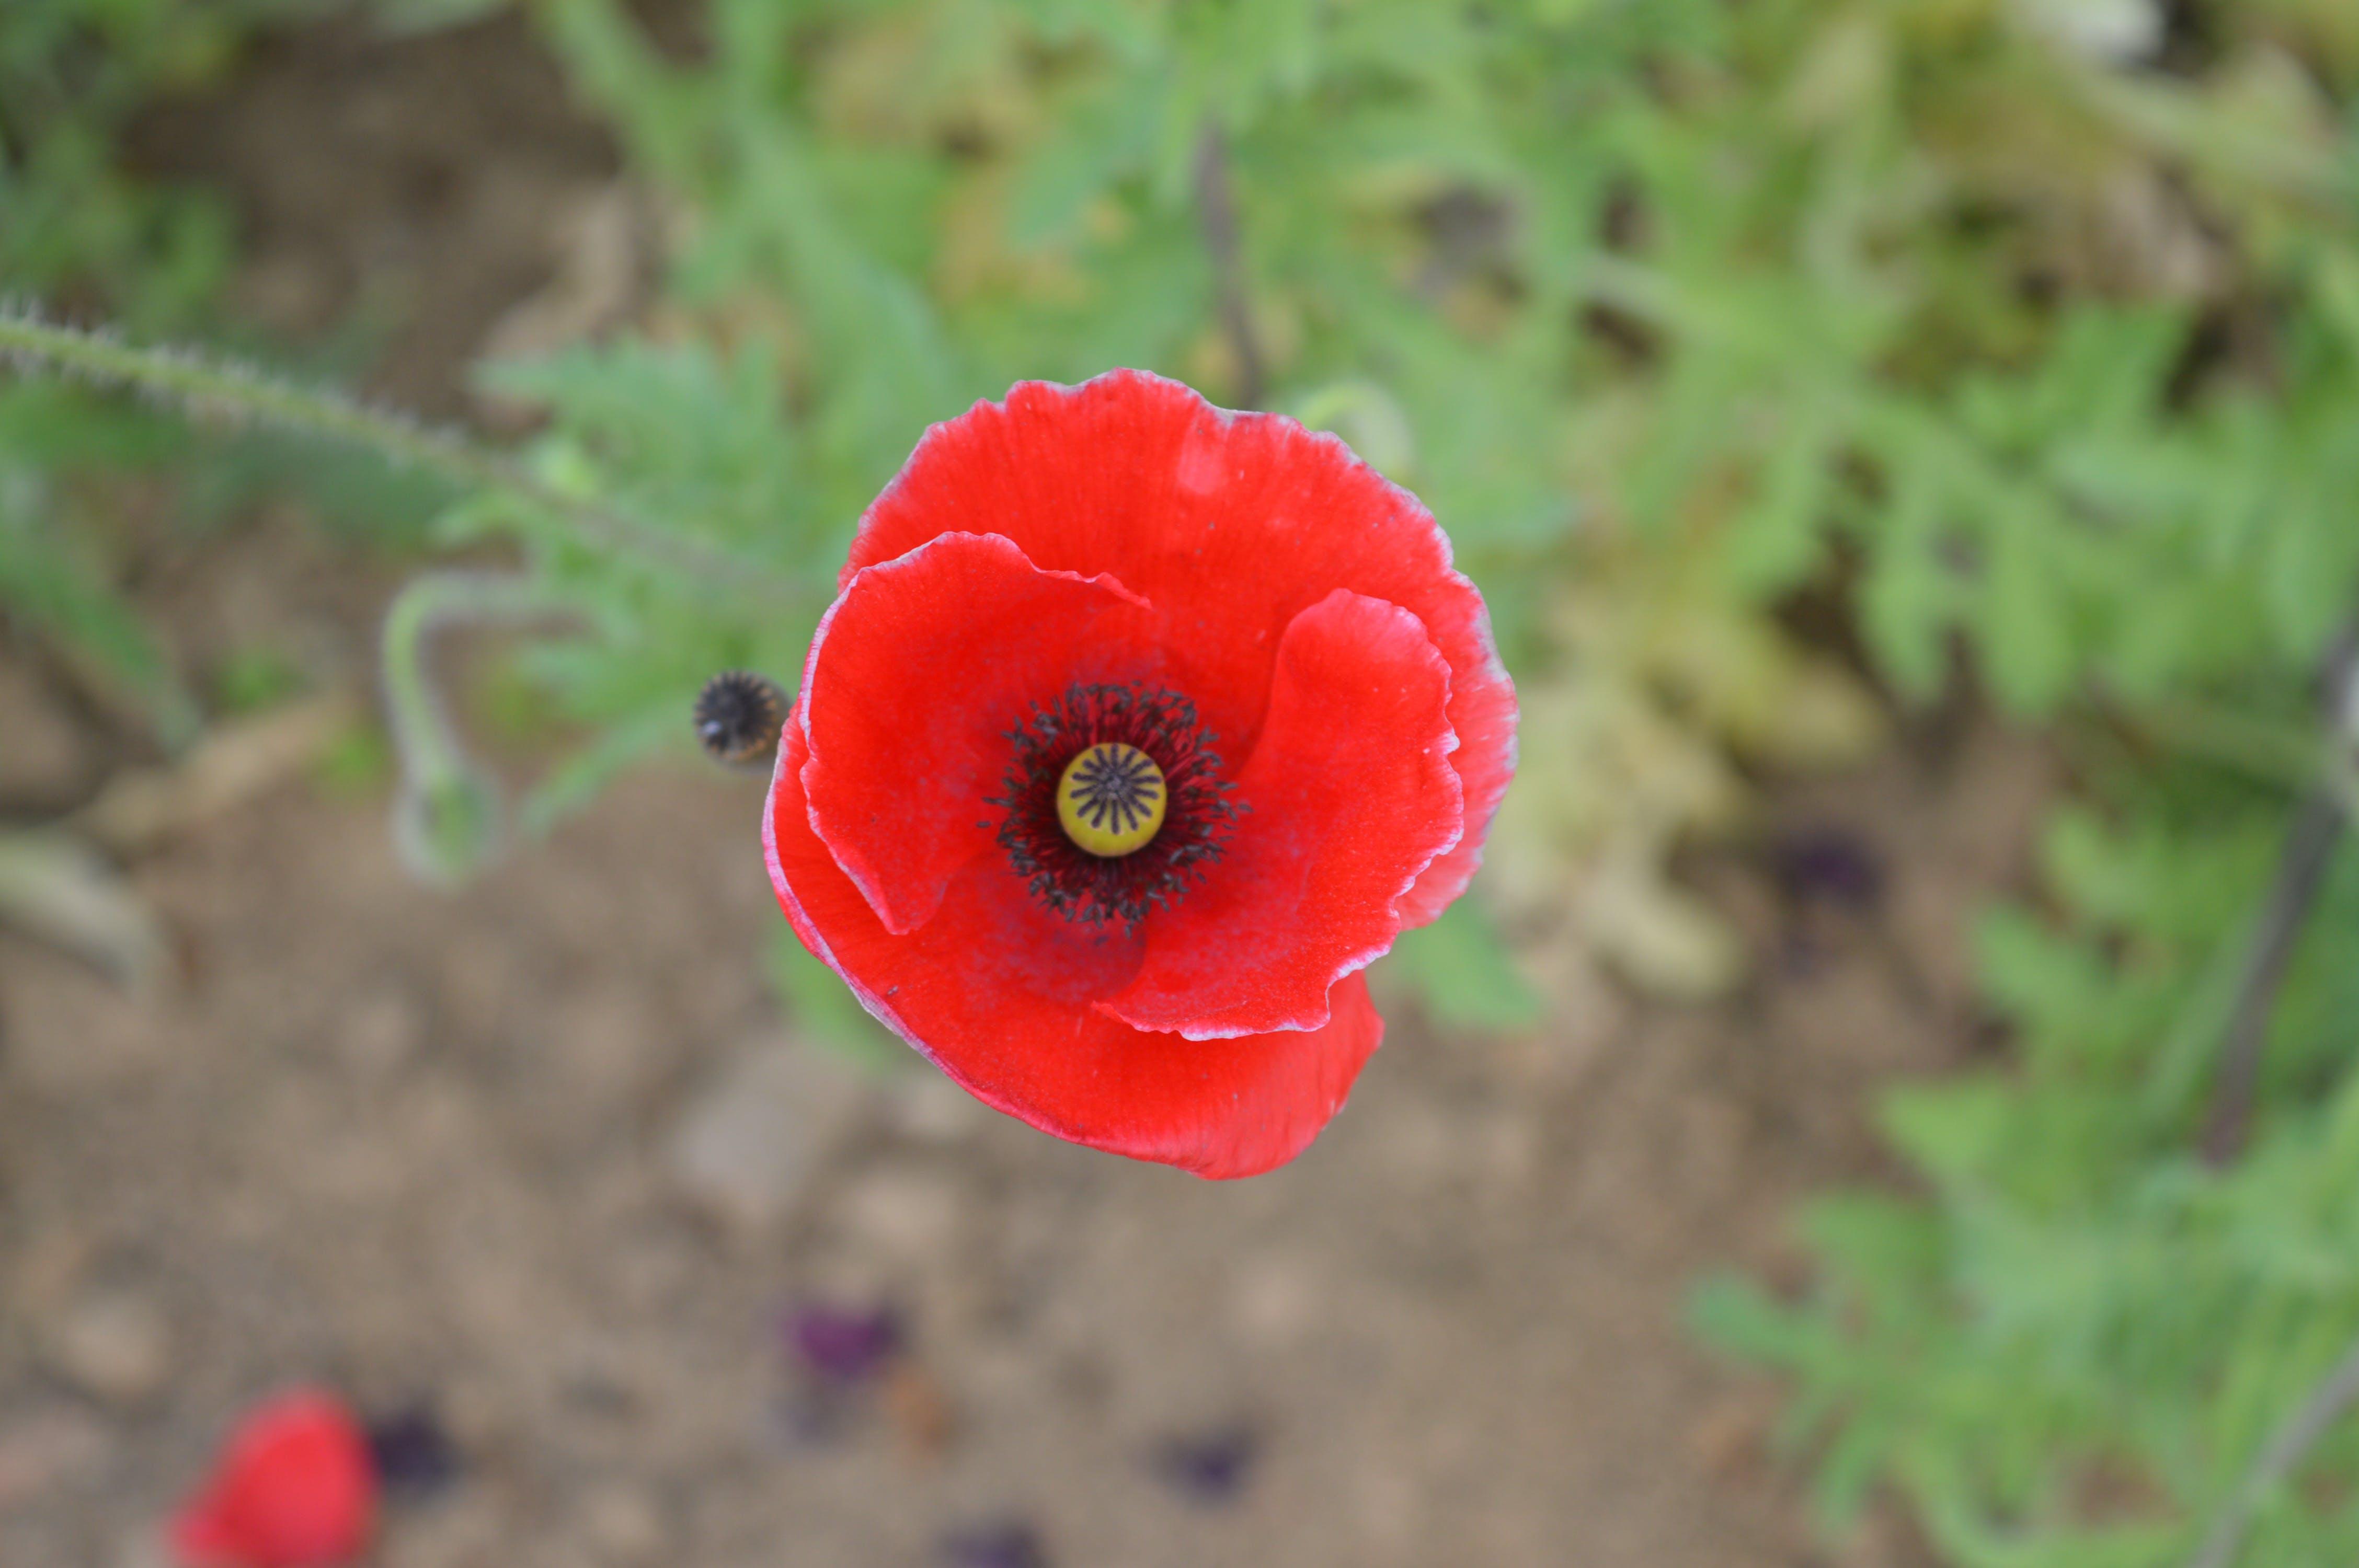 Free stock photo of flower, red flower, single flower